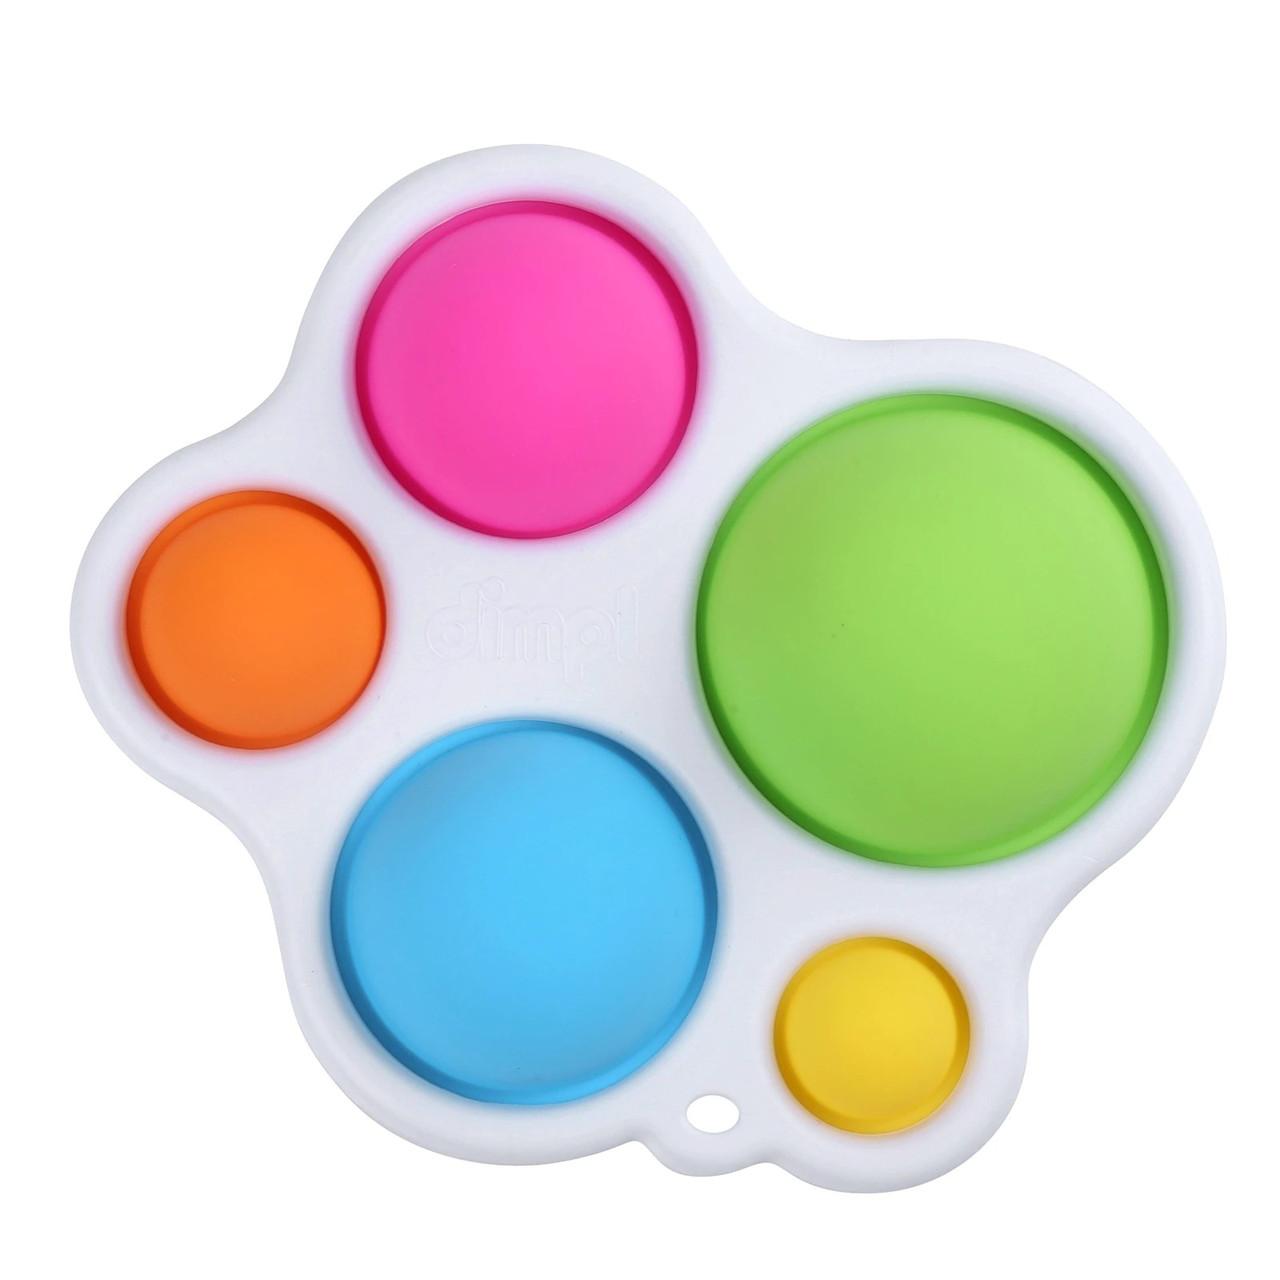 Сенсорна іграшка Simple Dimple поп іт антистрес сімпл дімпл pop it дитячий